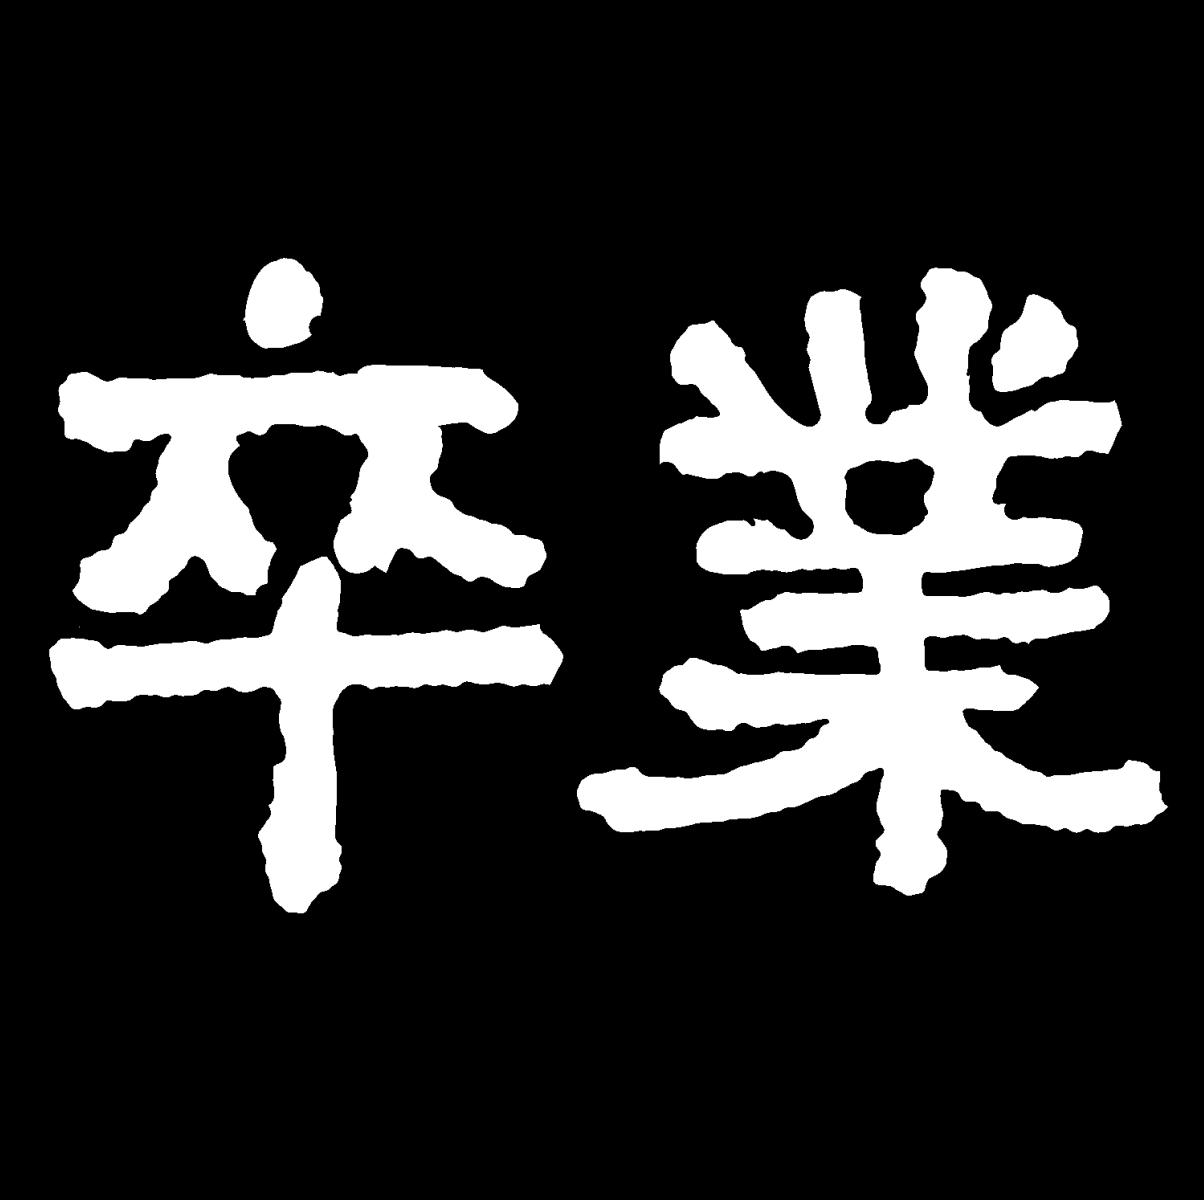 「卒業」の袋文字(黒文字あり)のイラスト / The word